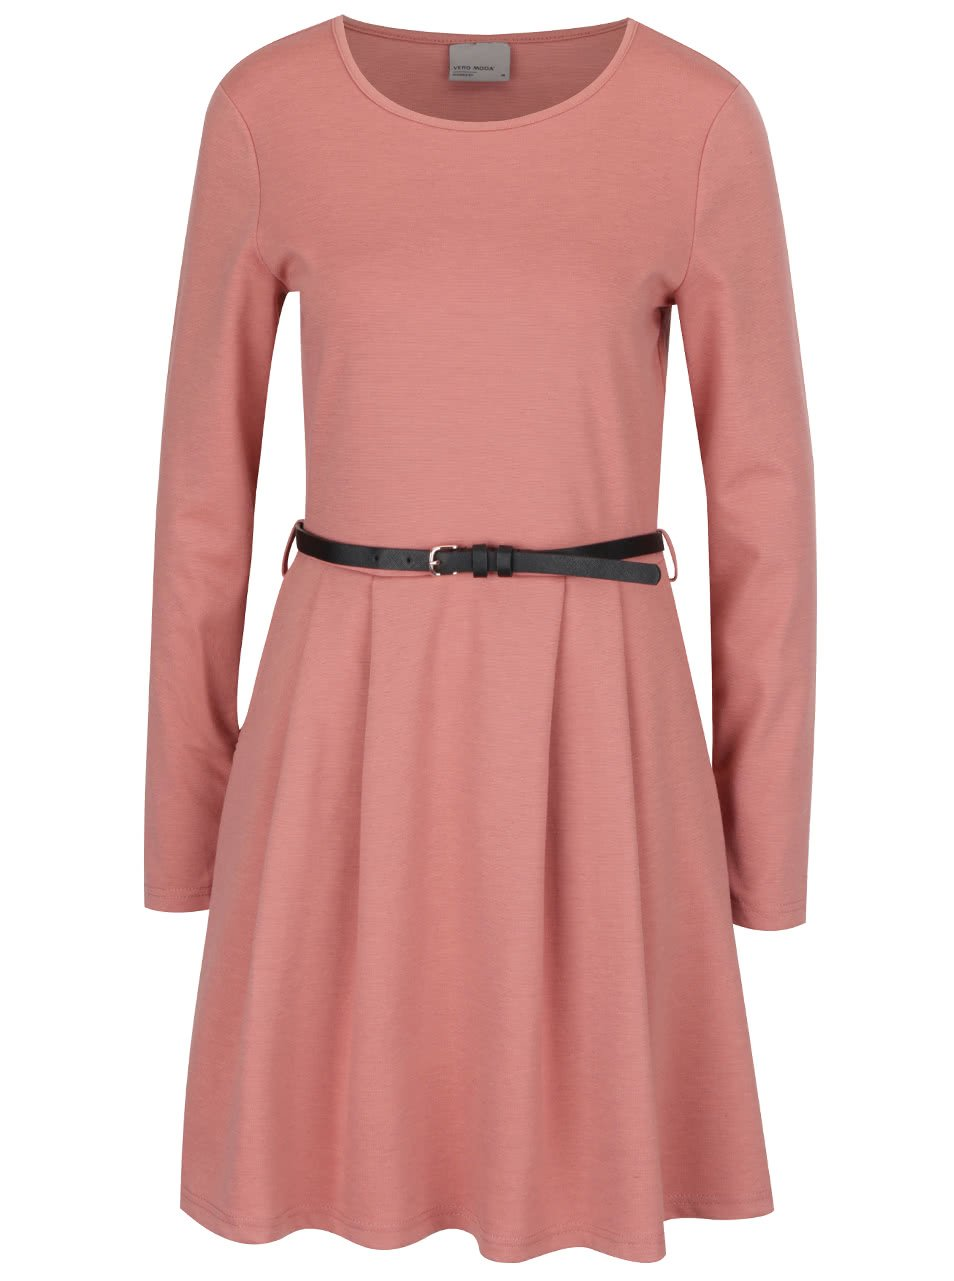 Starorůžové šaty s dlouhým rukávem Vero Moda Kally